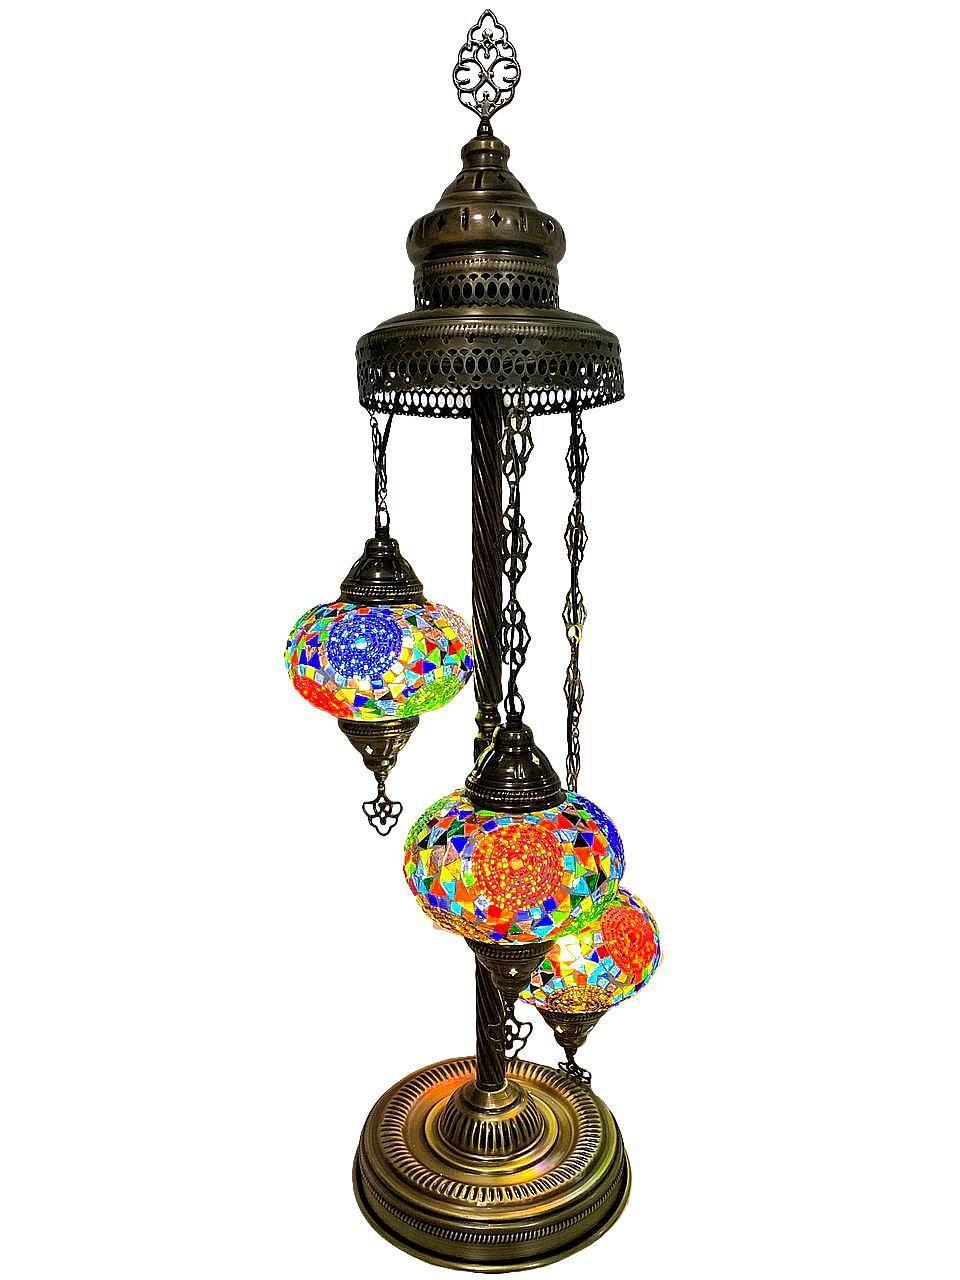 Напольный турецкий светильник  Sinan из мозаики ручной работы цветной 6